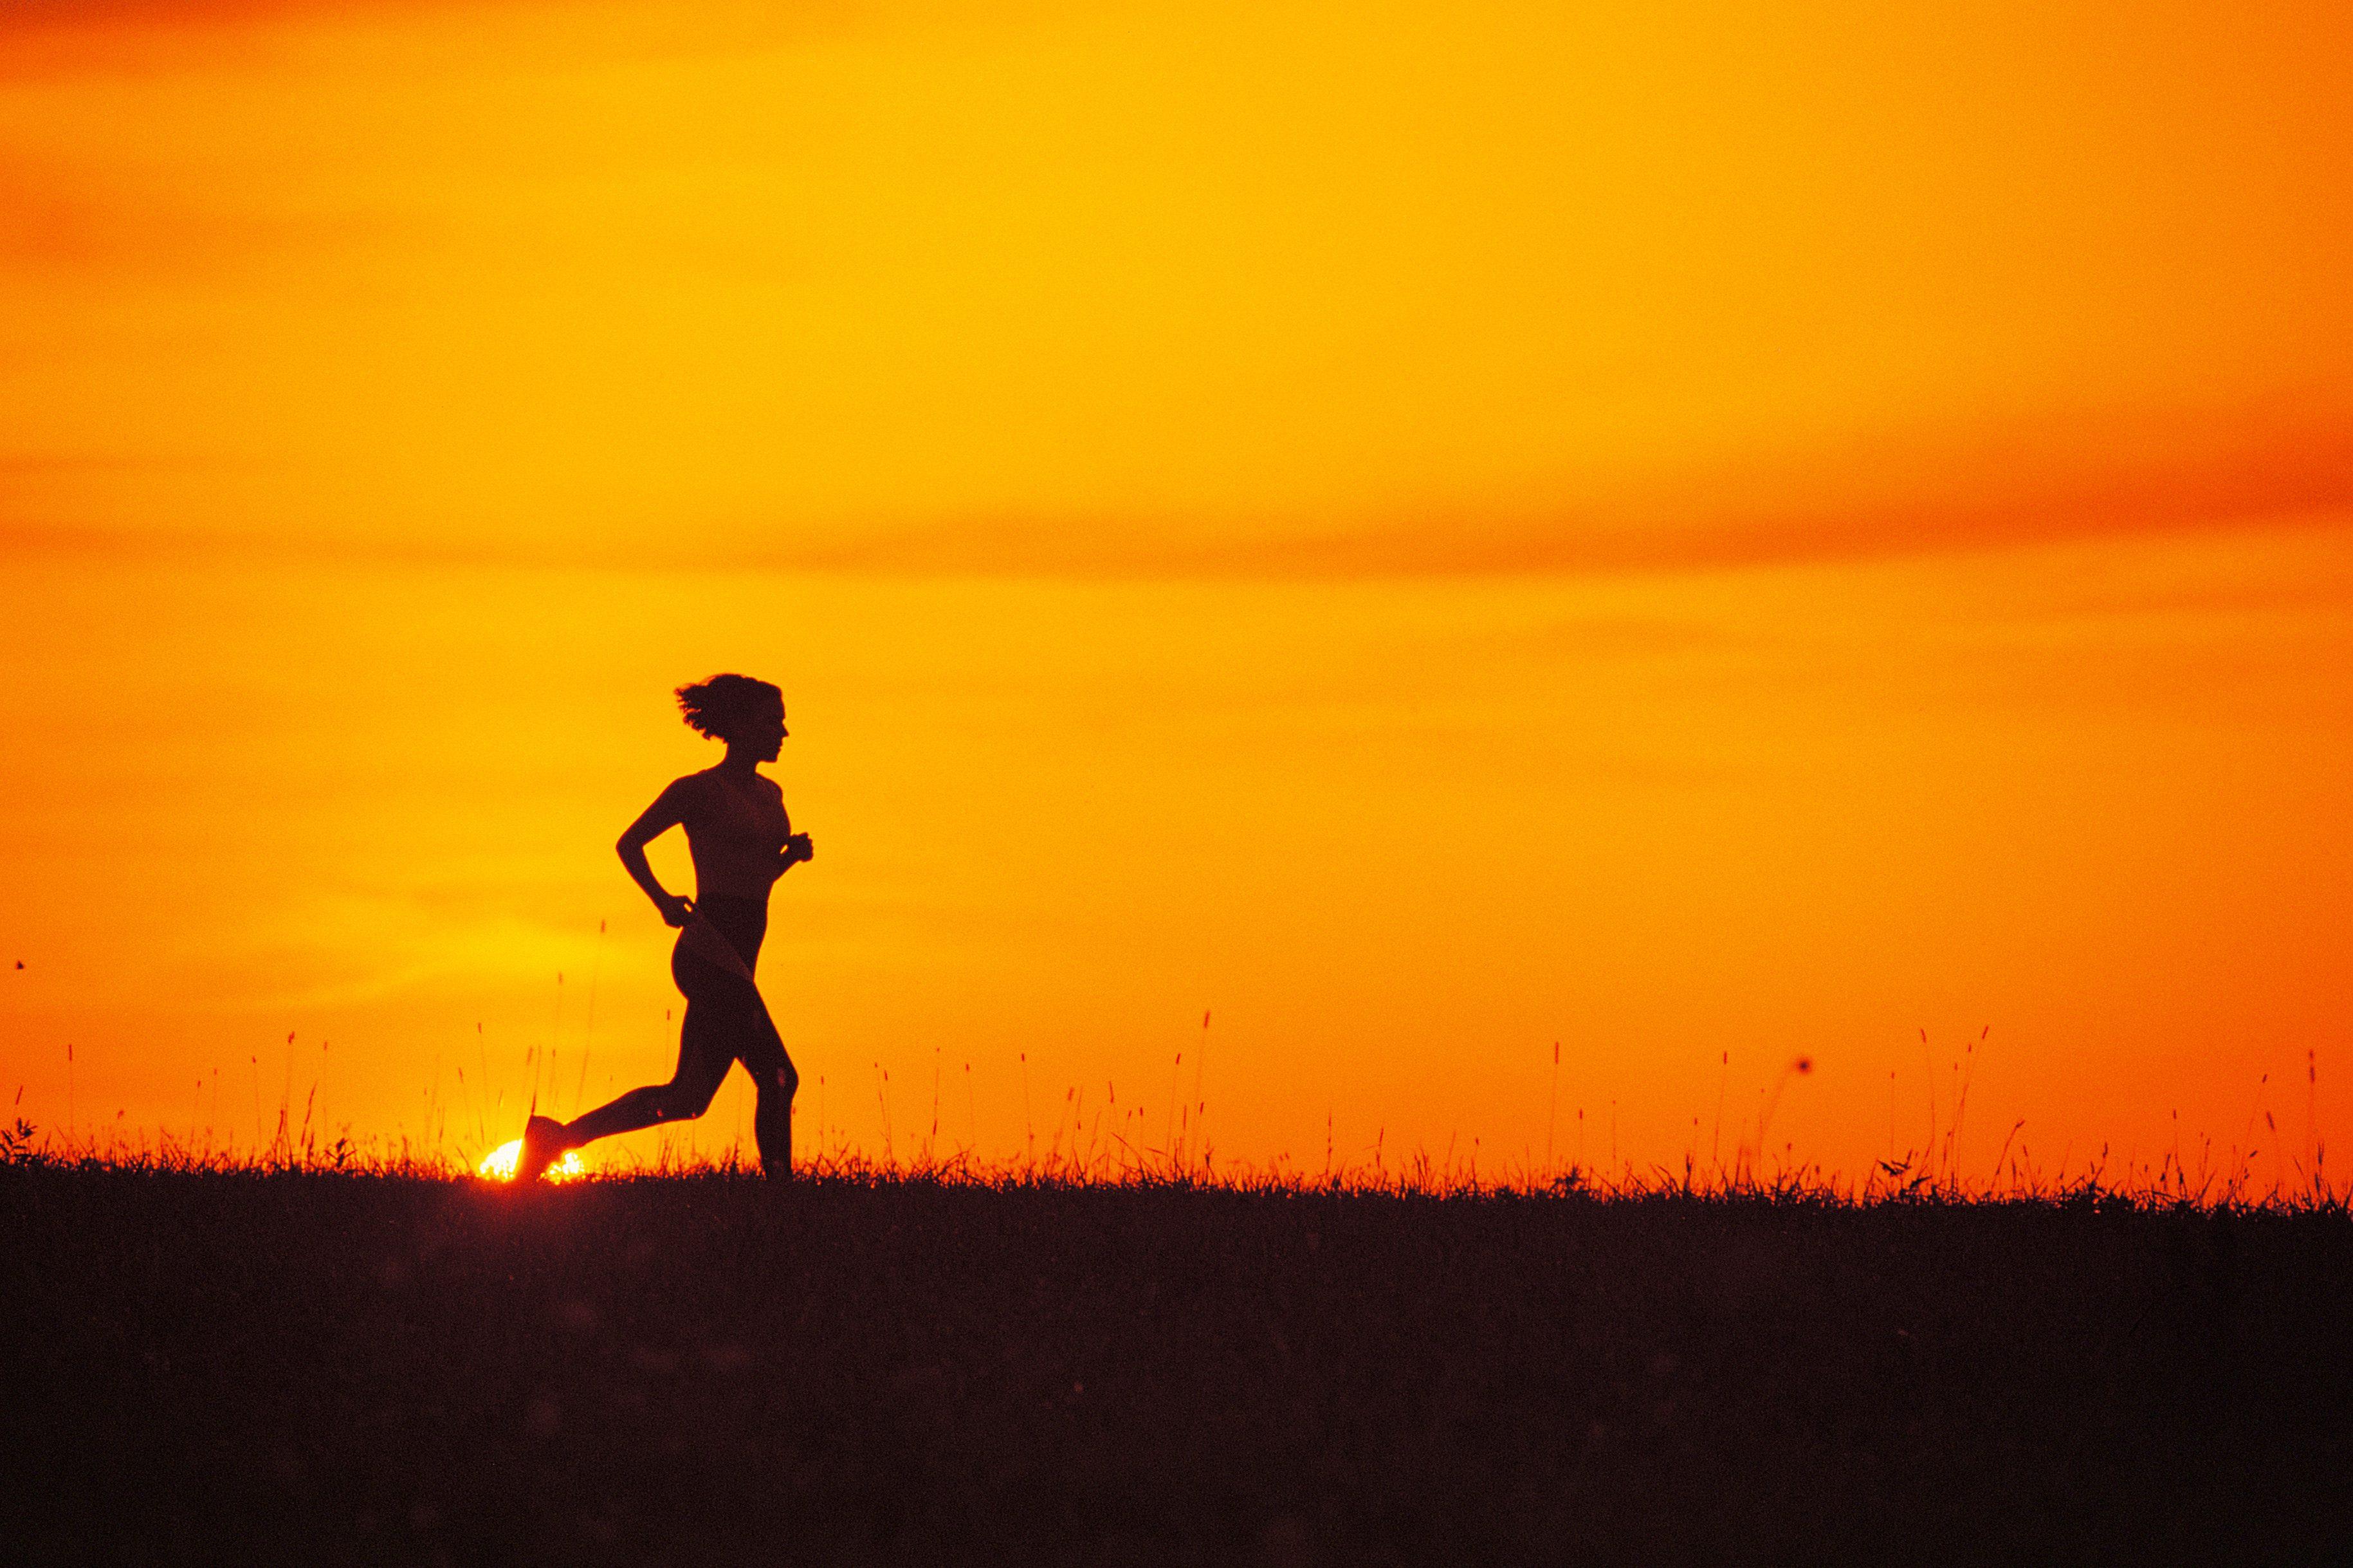 The morning runner tribe